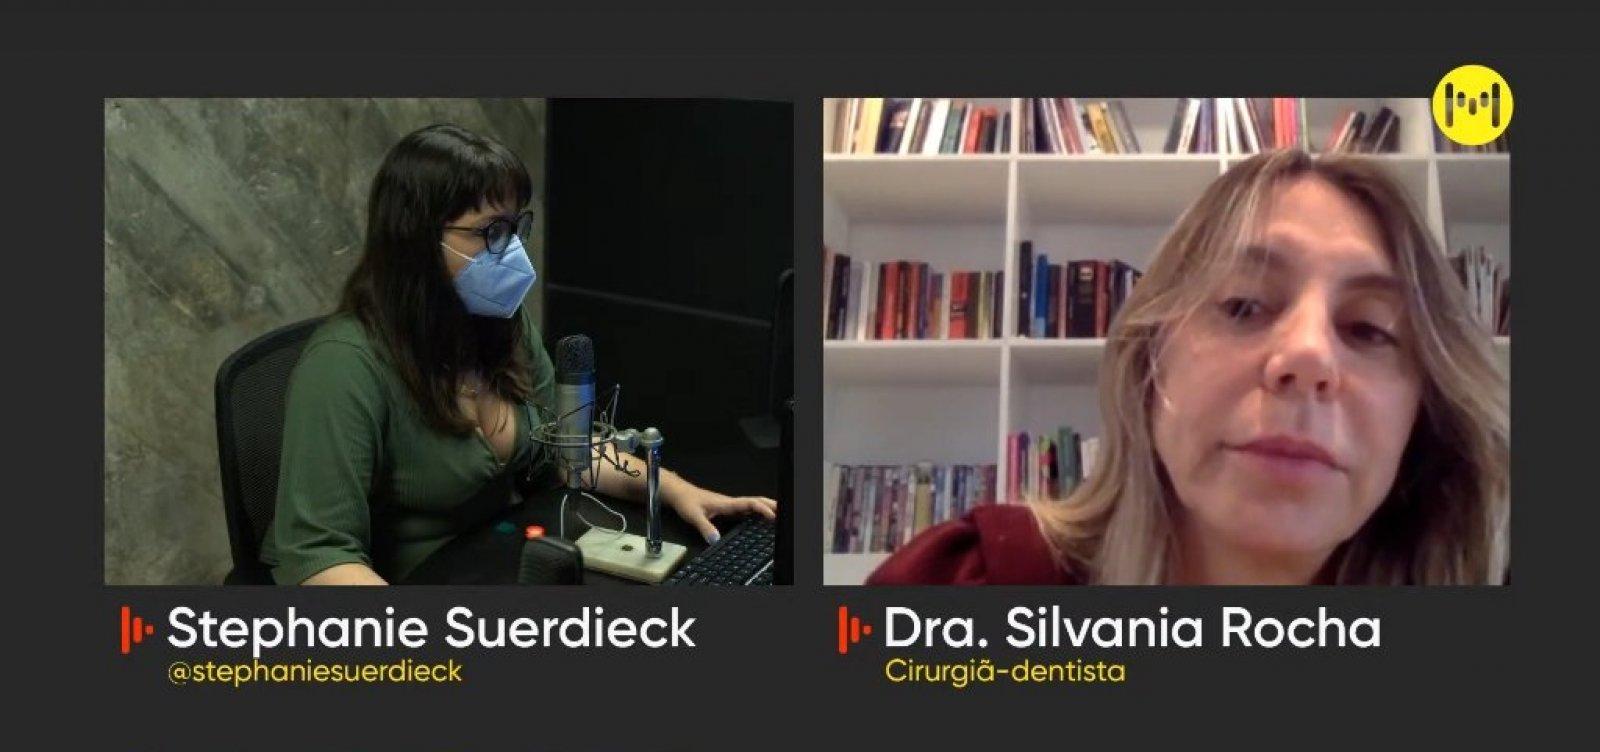 Dentista tira dúvidas sobre bruxismo no Metrópole Saúde